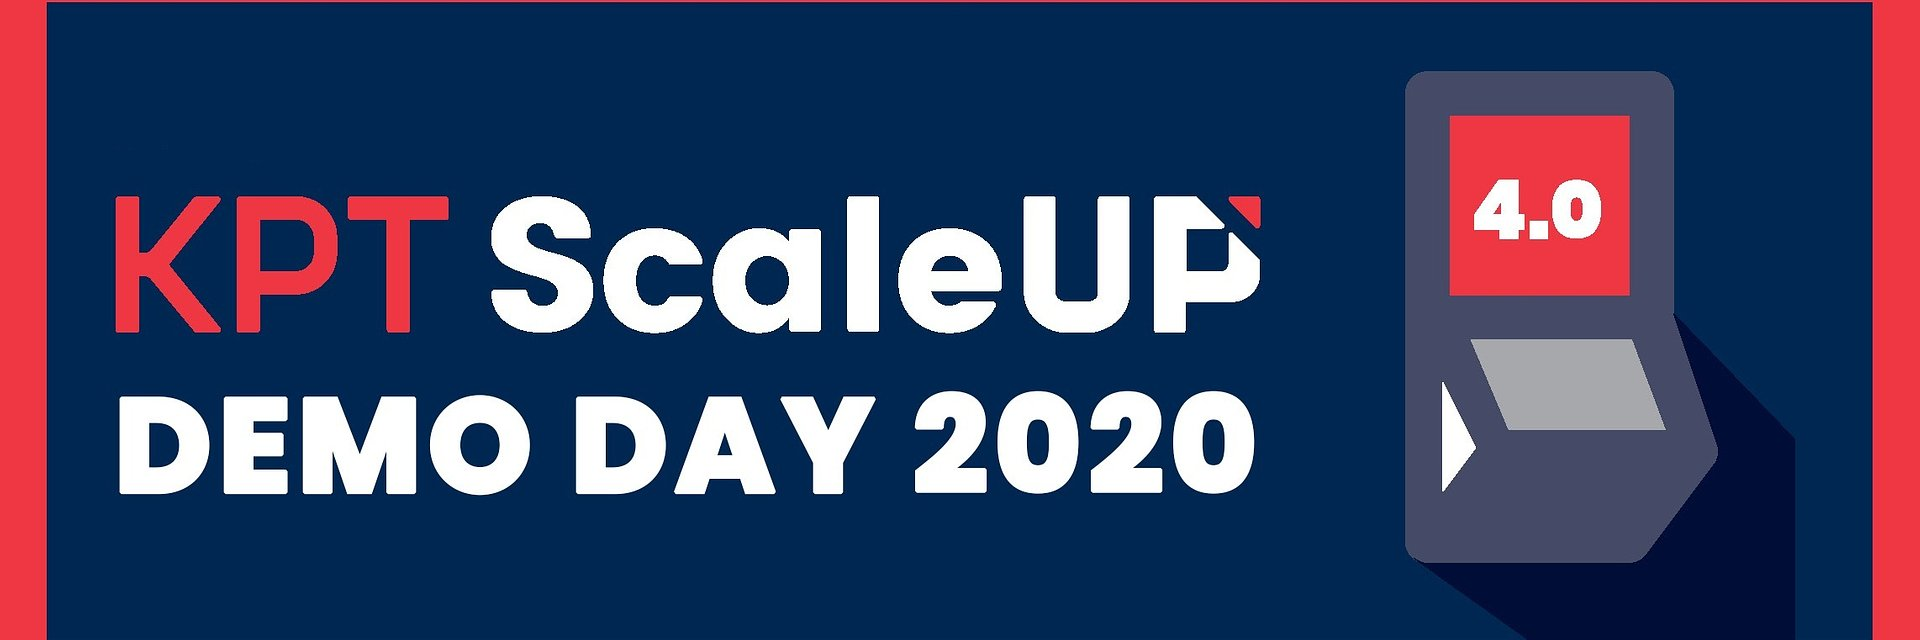 Demo Day KPT ScaleUp: 20 premierowych pomysłów na rozwój przemysłu 4.0